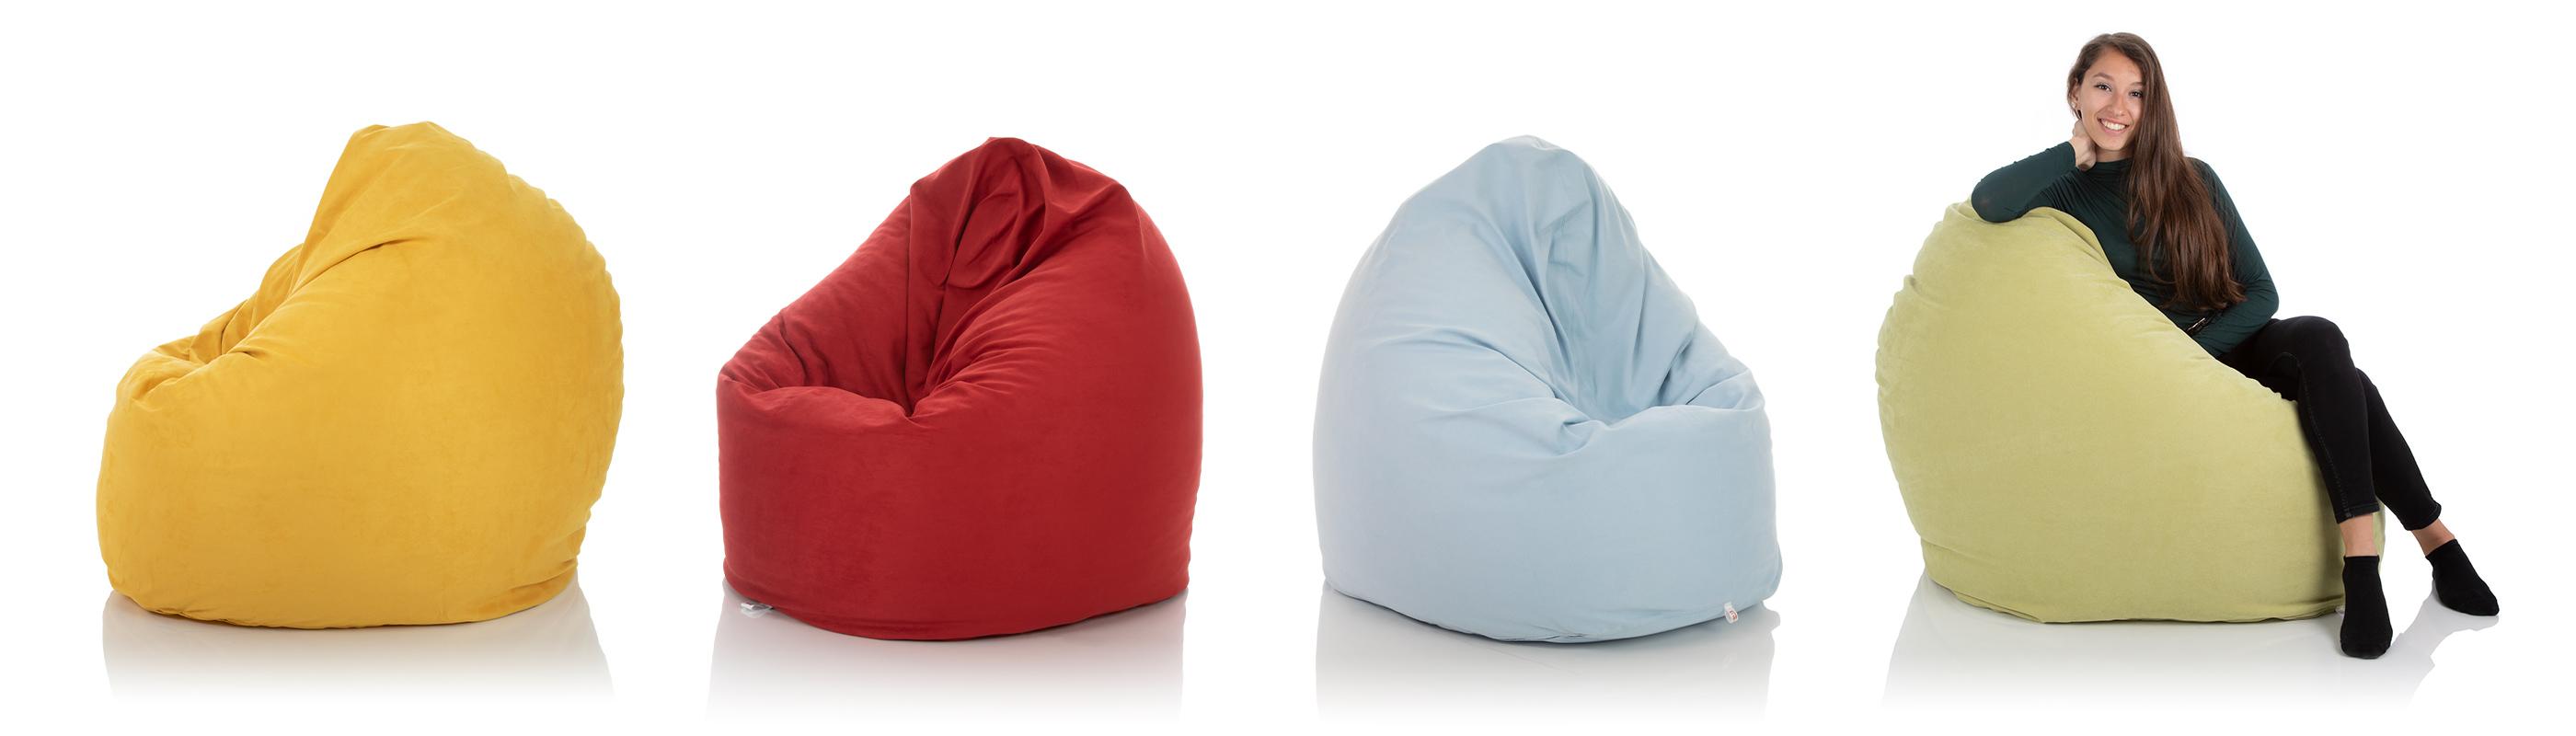 XXL Indoor Sitzsack Relax in gelb, rot, blau, gruen mit 600 Liter Füllung